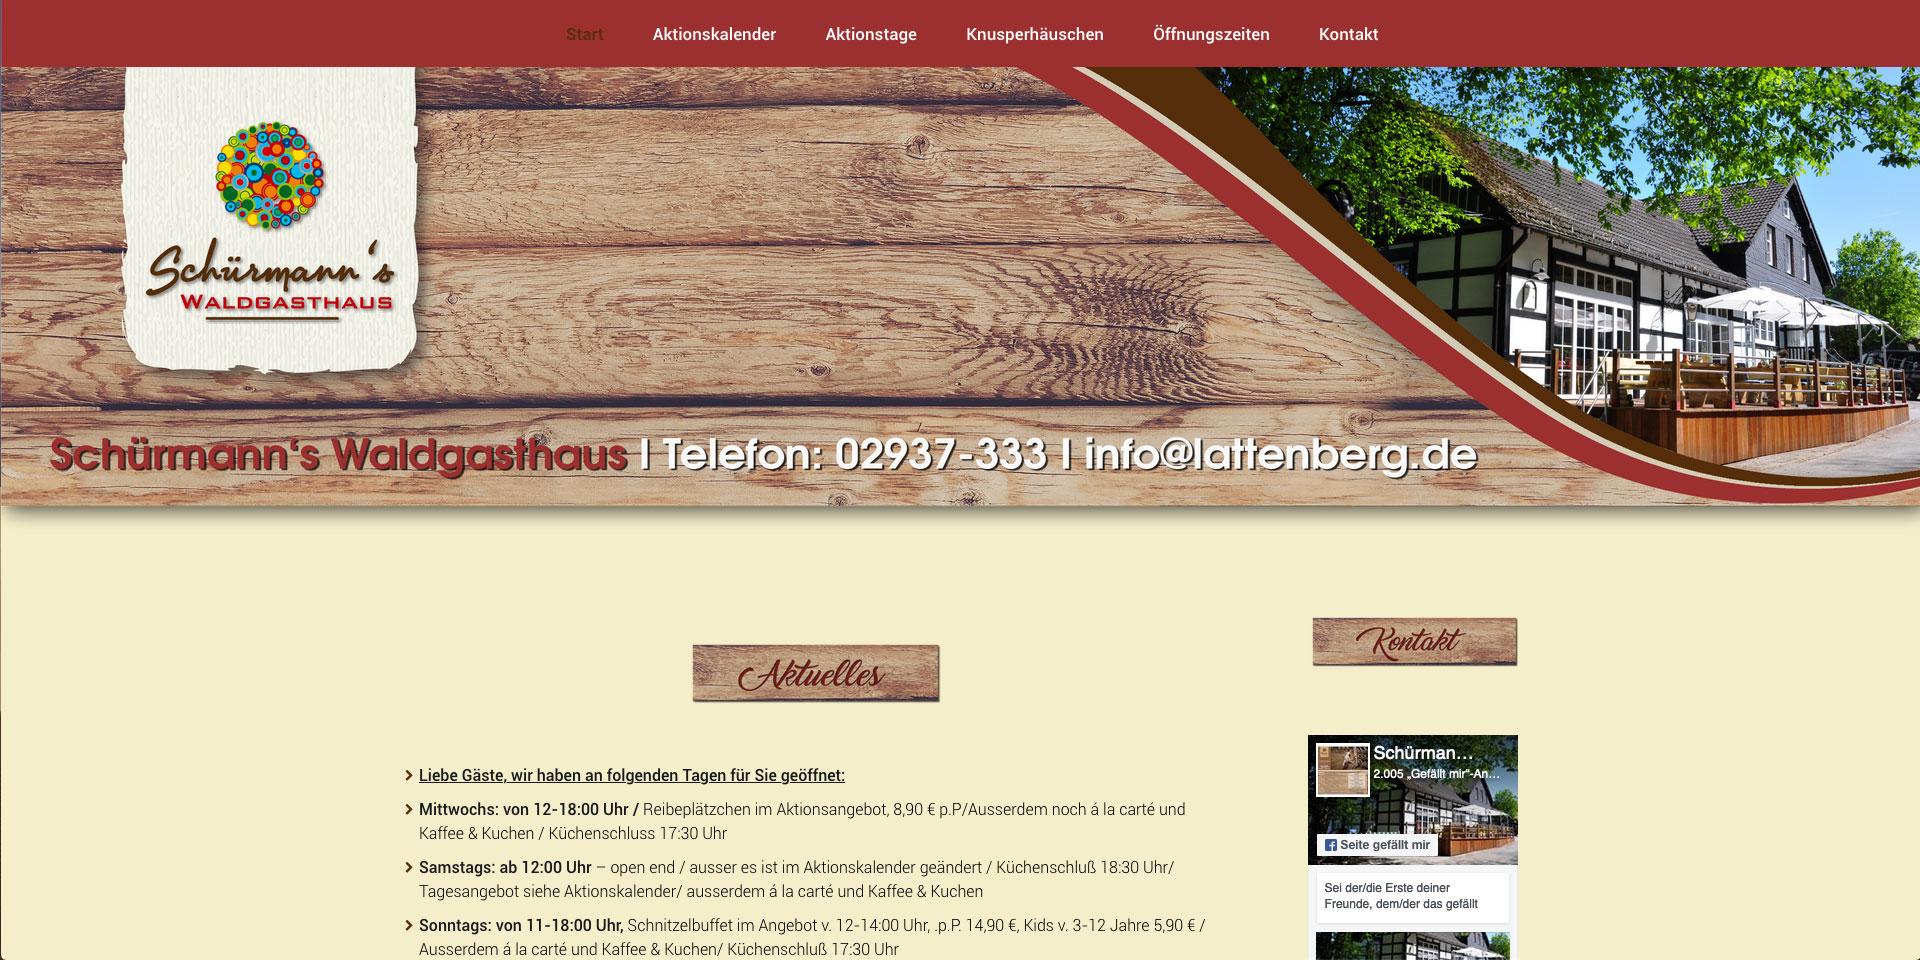 Internet-Auftritt und Online-Shop, Homepage, Webpräsenz, Schürmanns Waldgasthaus